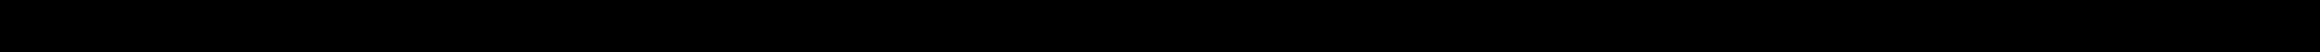 BLUE PRINT 15 20 857 58R, 15208-65F00, 15208-65F0A, 15208-65F0B, 15208-65F1A Oil Filter